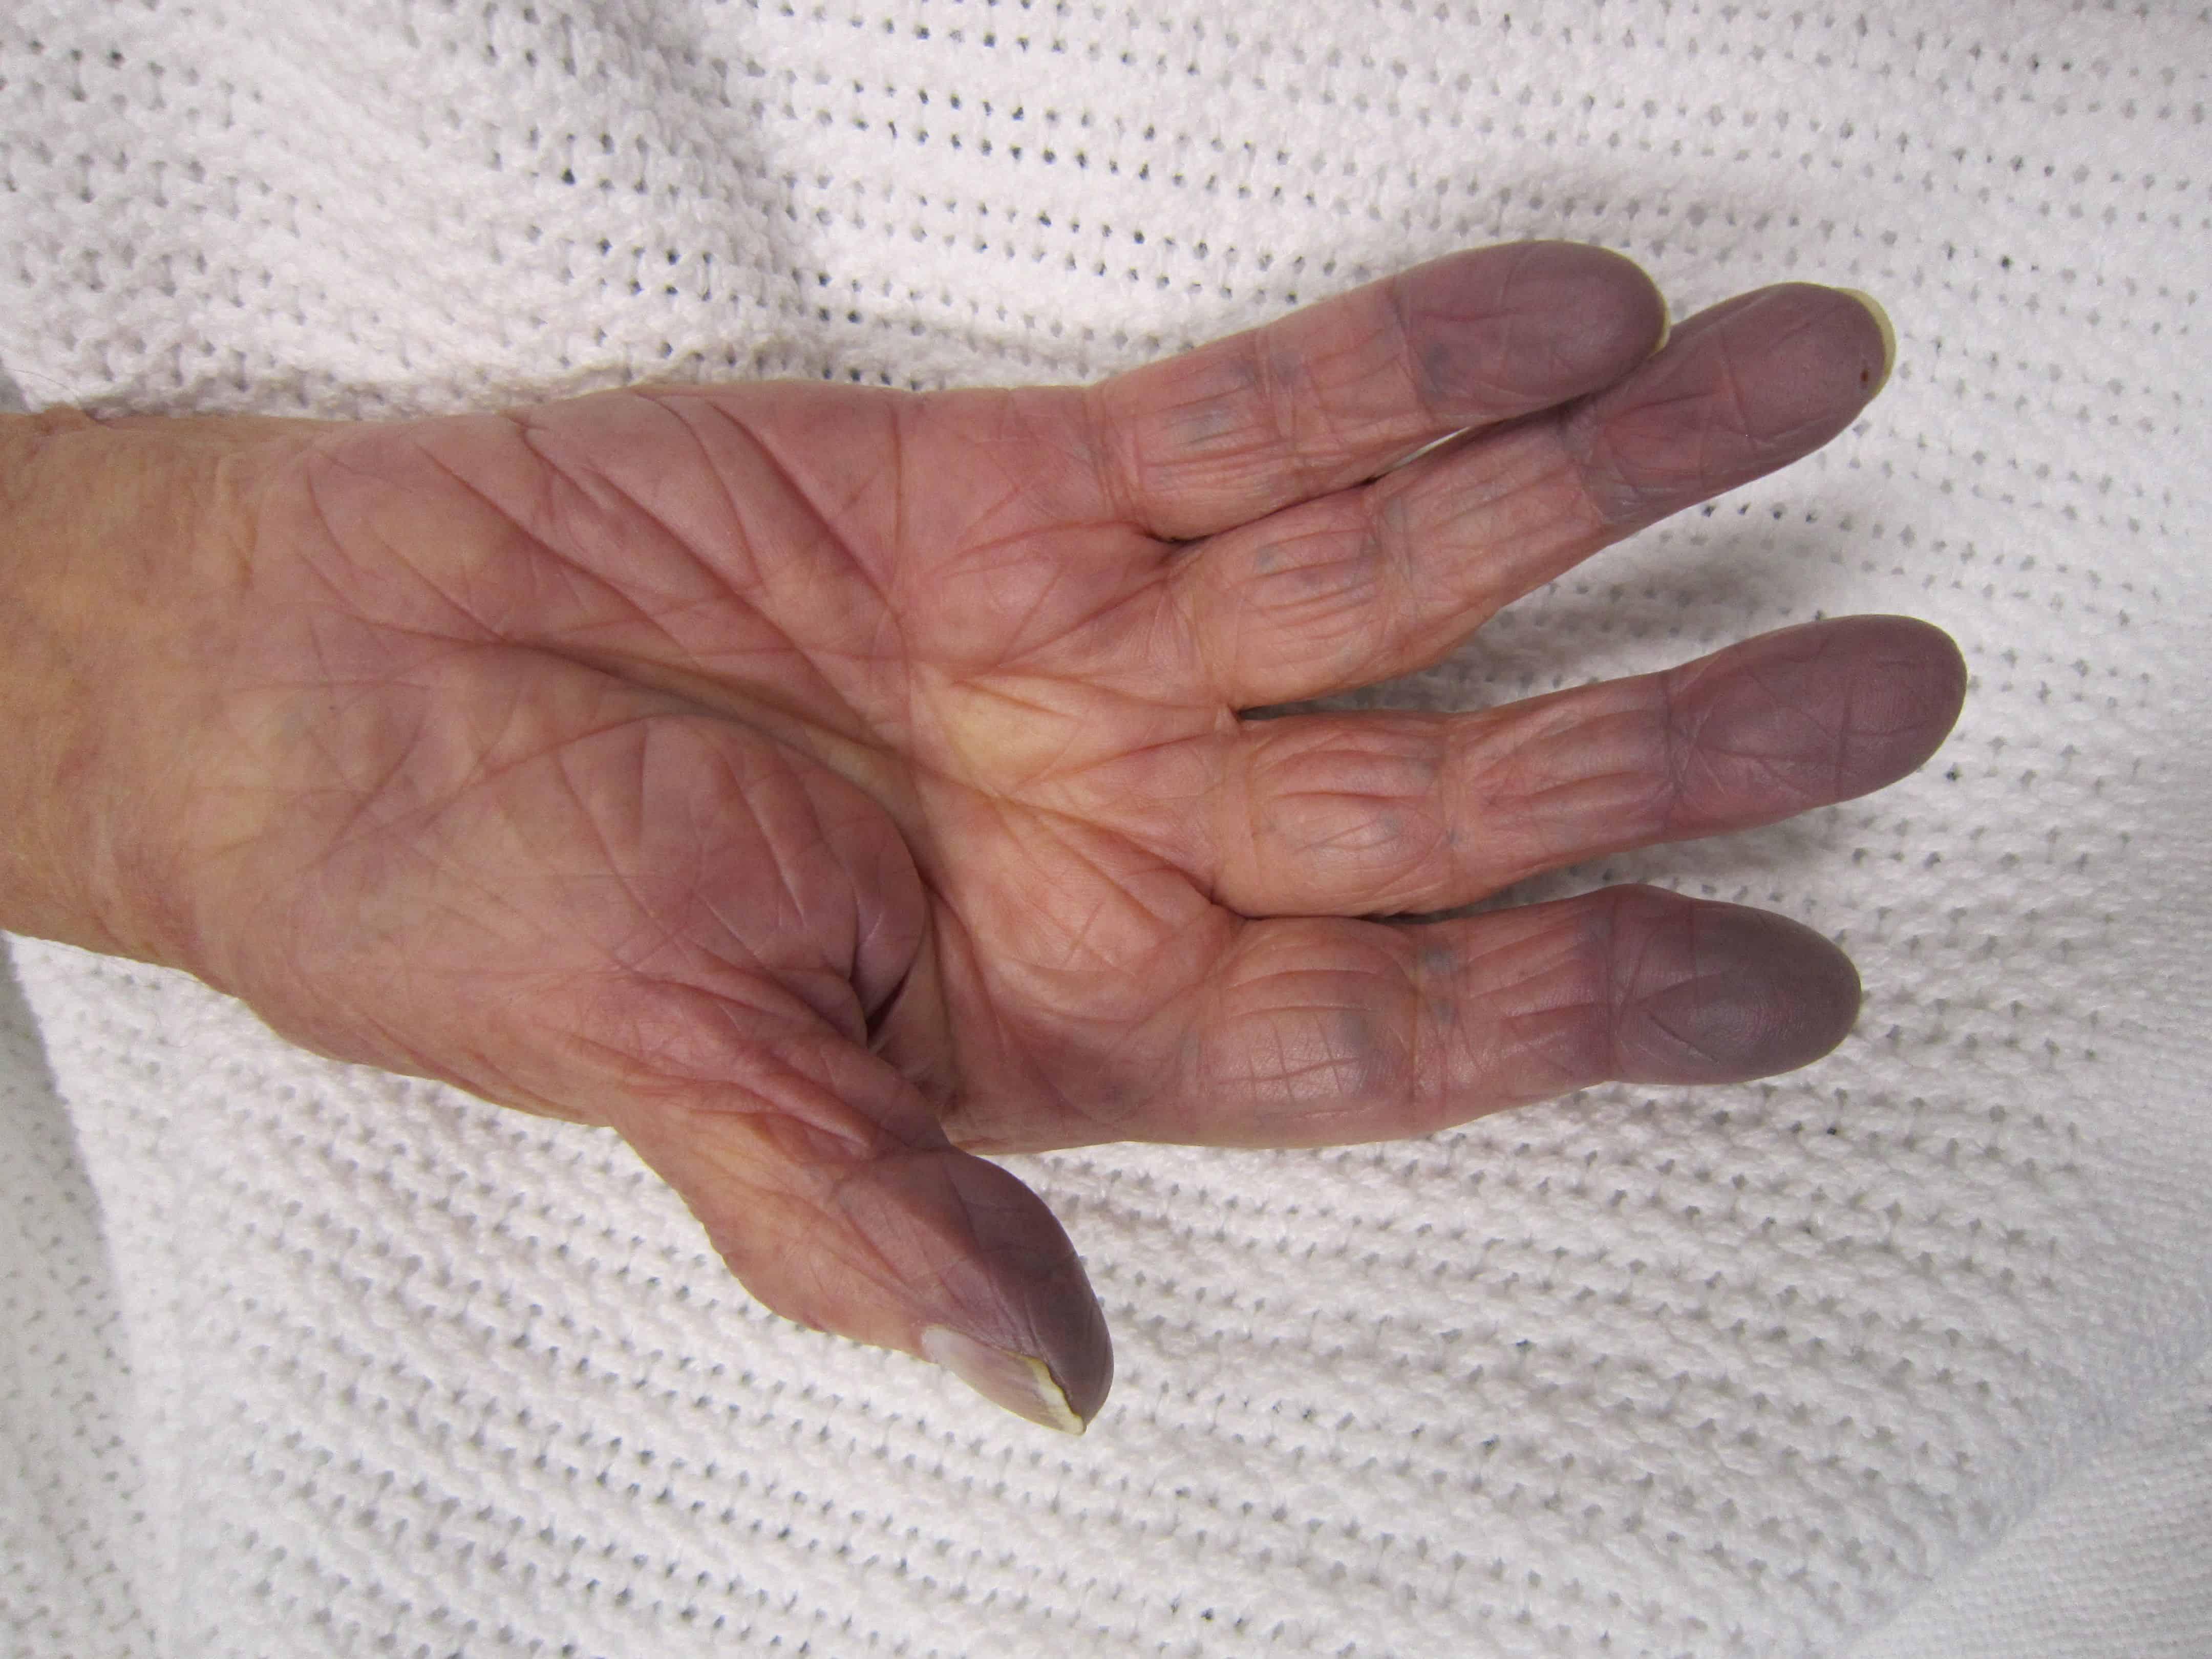 Гипертрофия миокарда